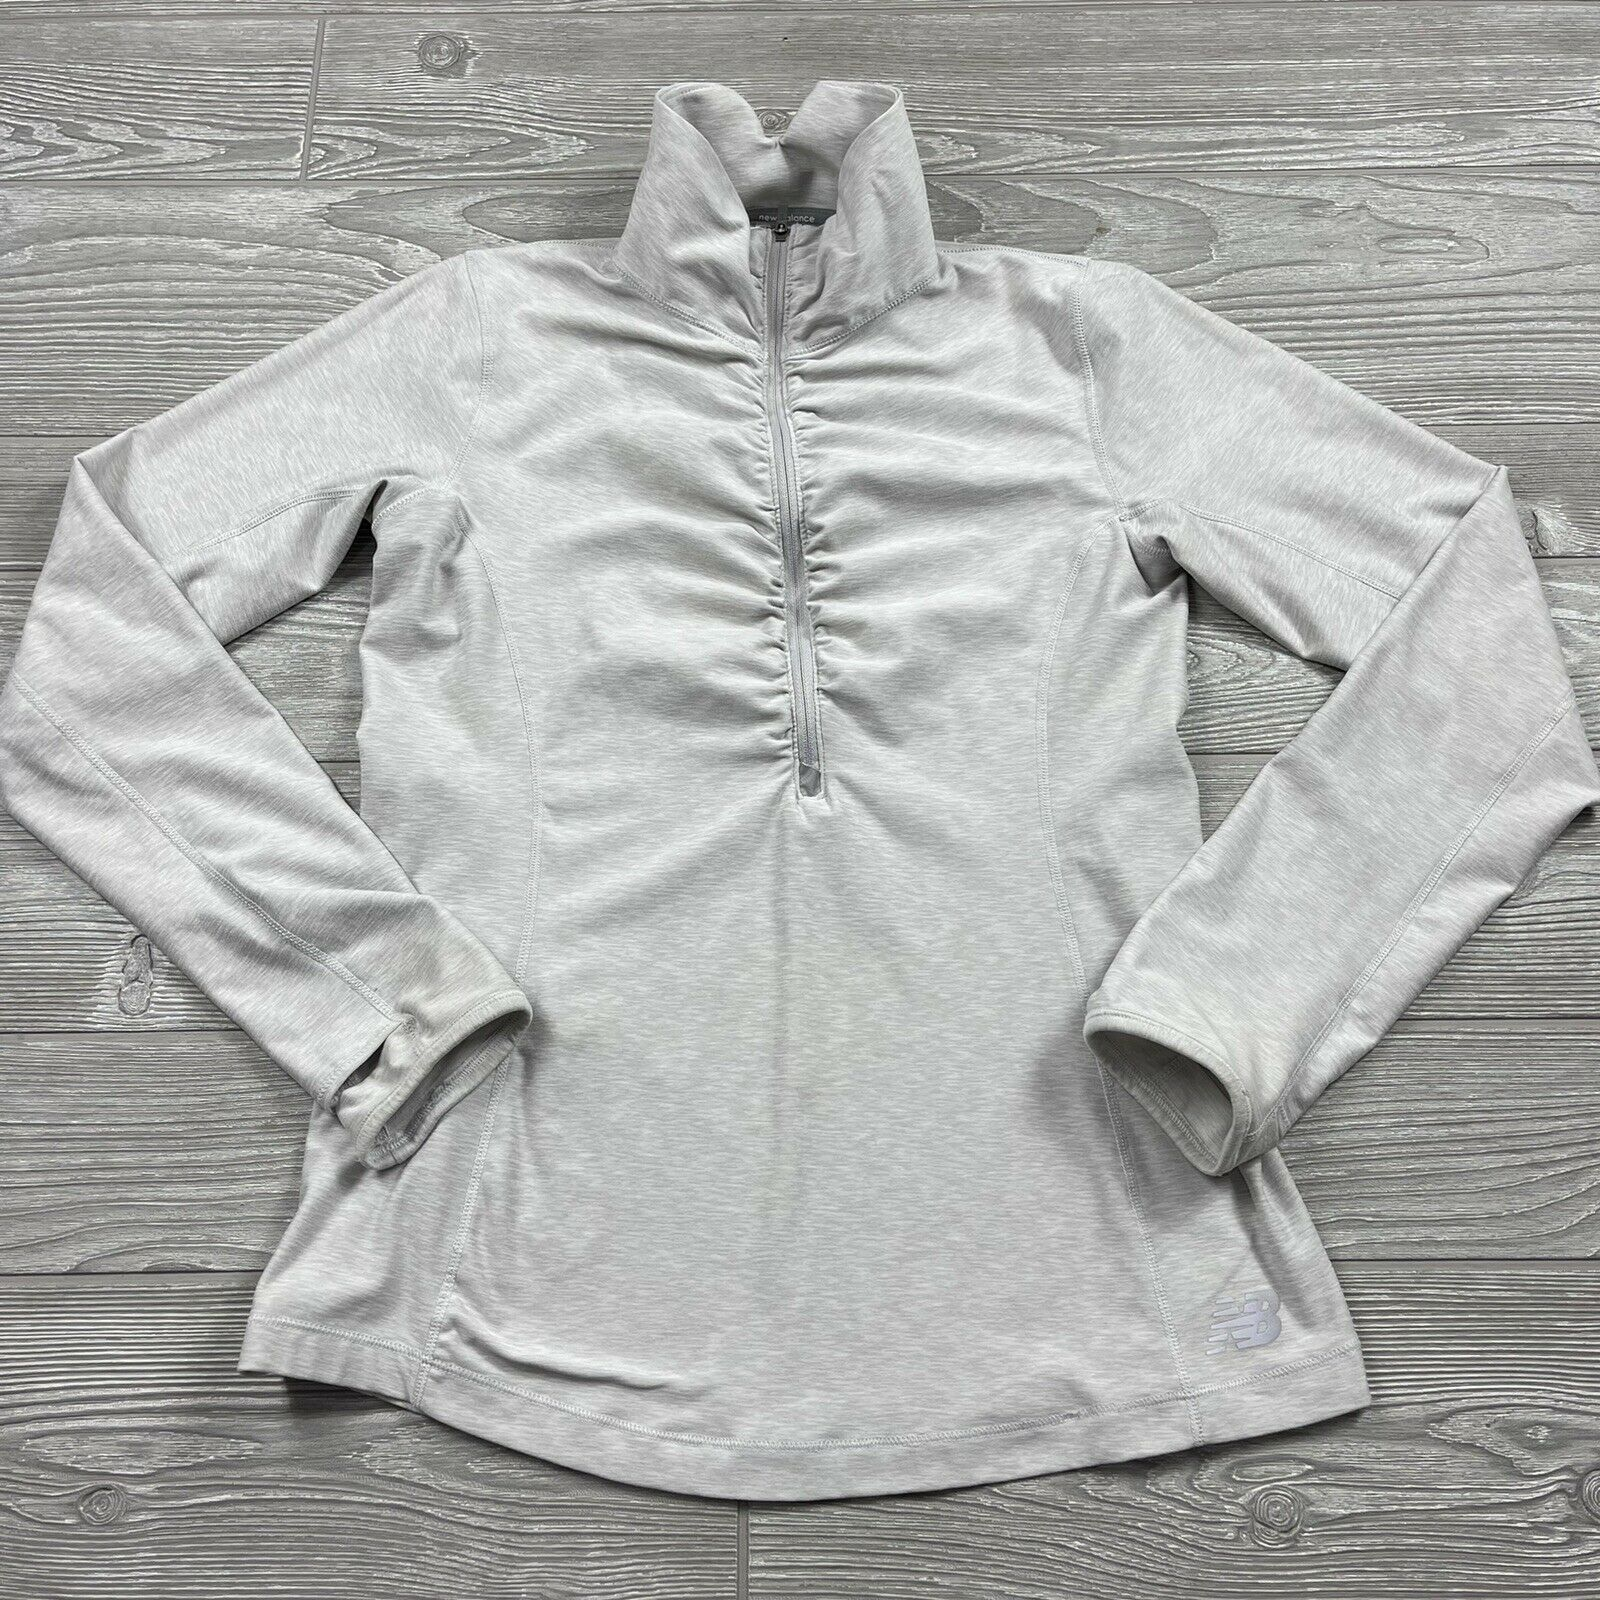 New Balance Shirt Women's Small Half Zip Gray Light Pullover Mock Scrunch Aa53